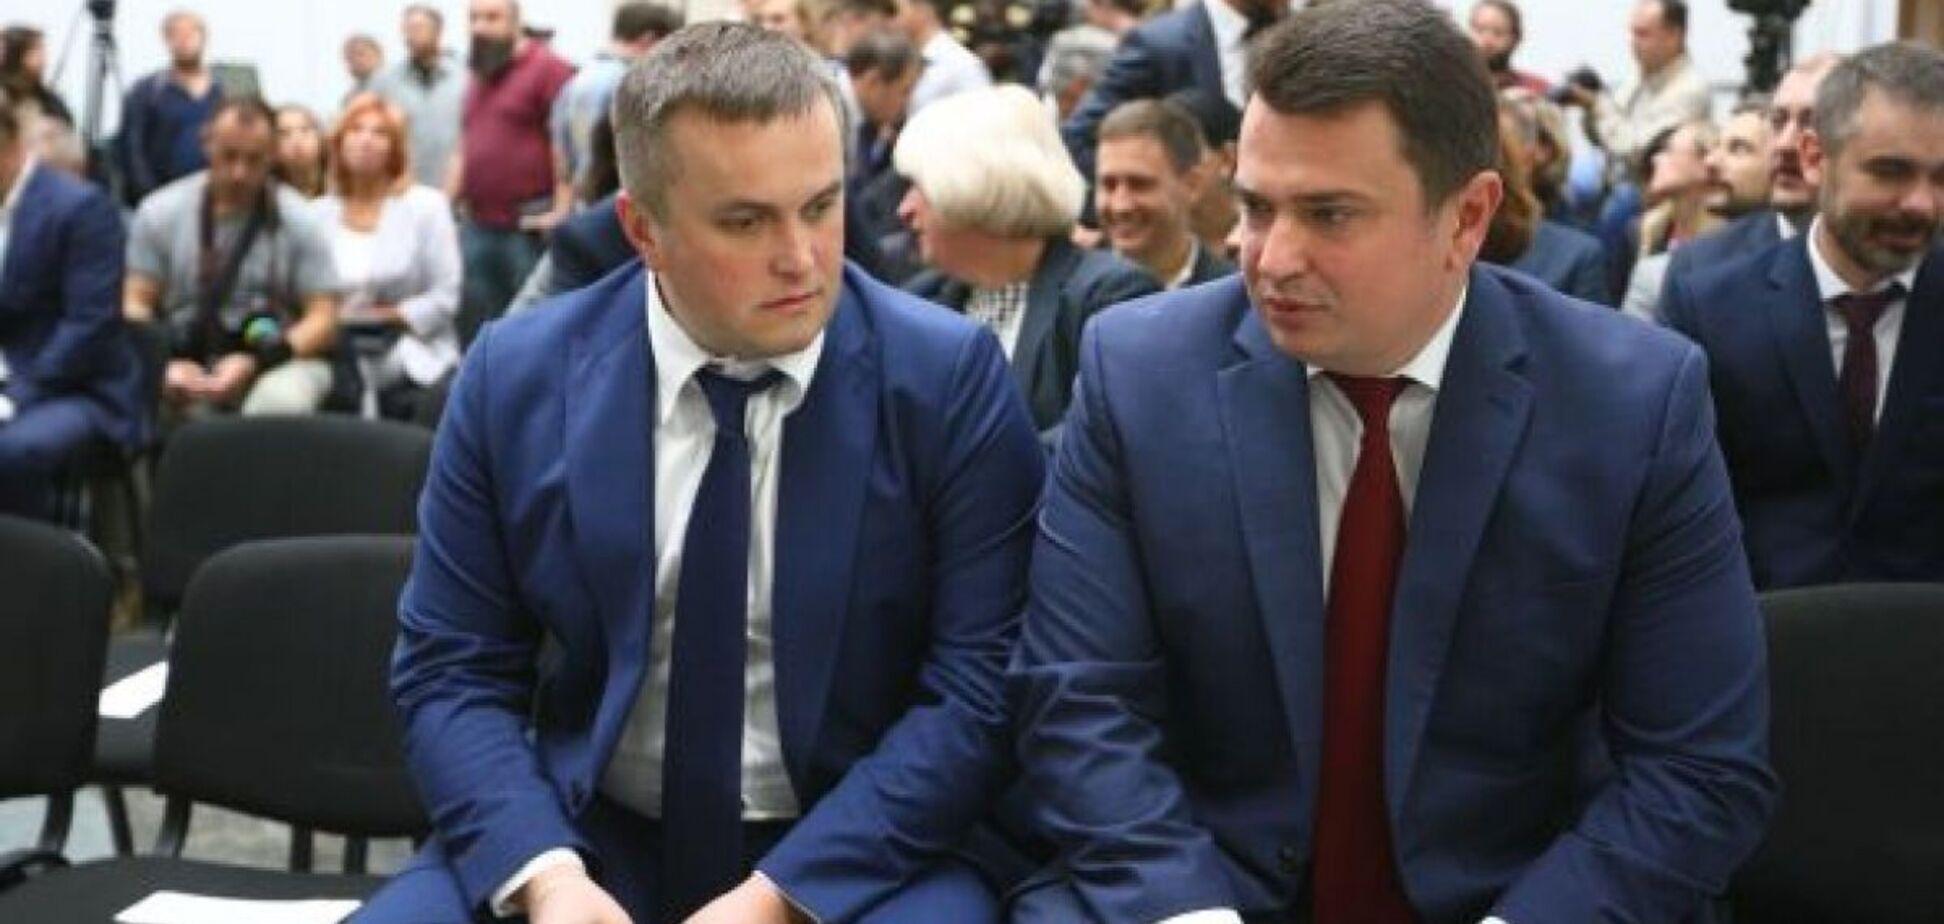 Печерський суд забрав у НАБУ справу про хабар Ситнику і Холодницькому